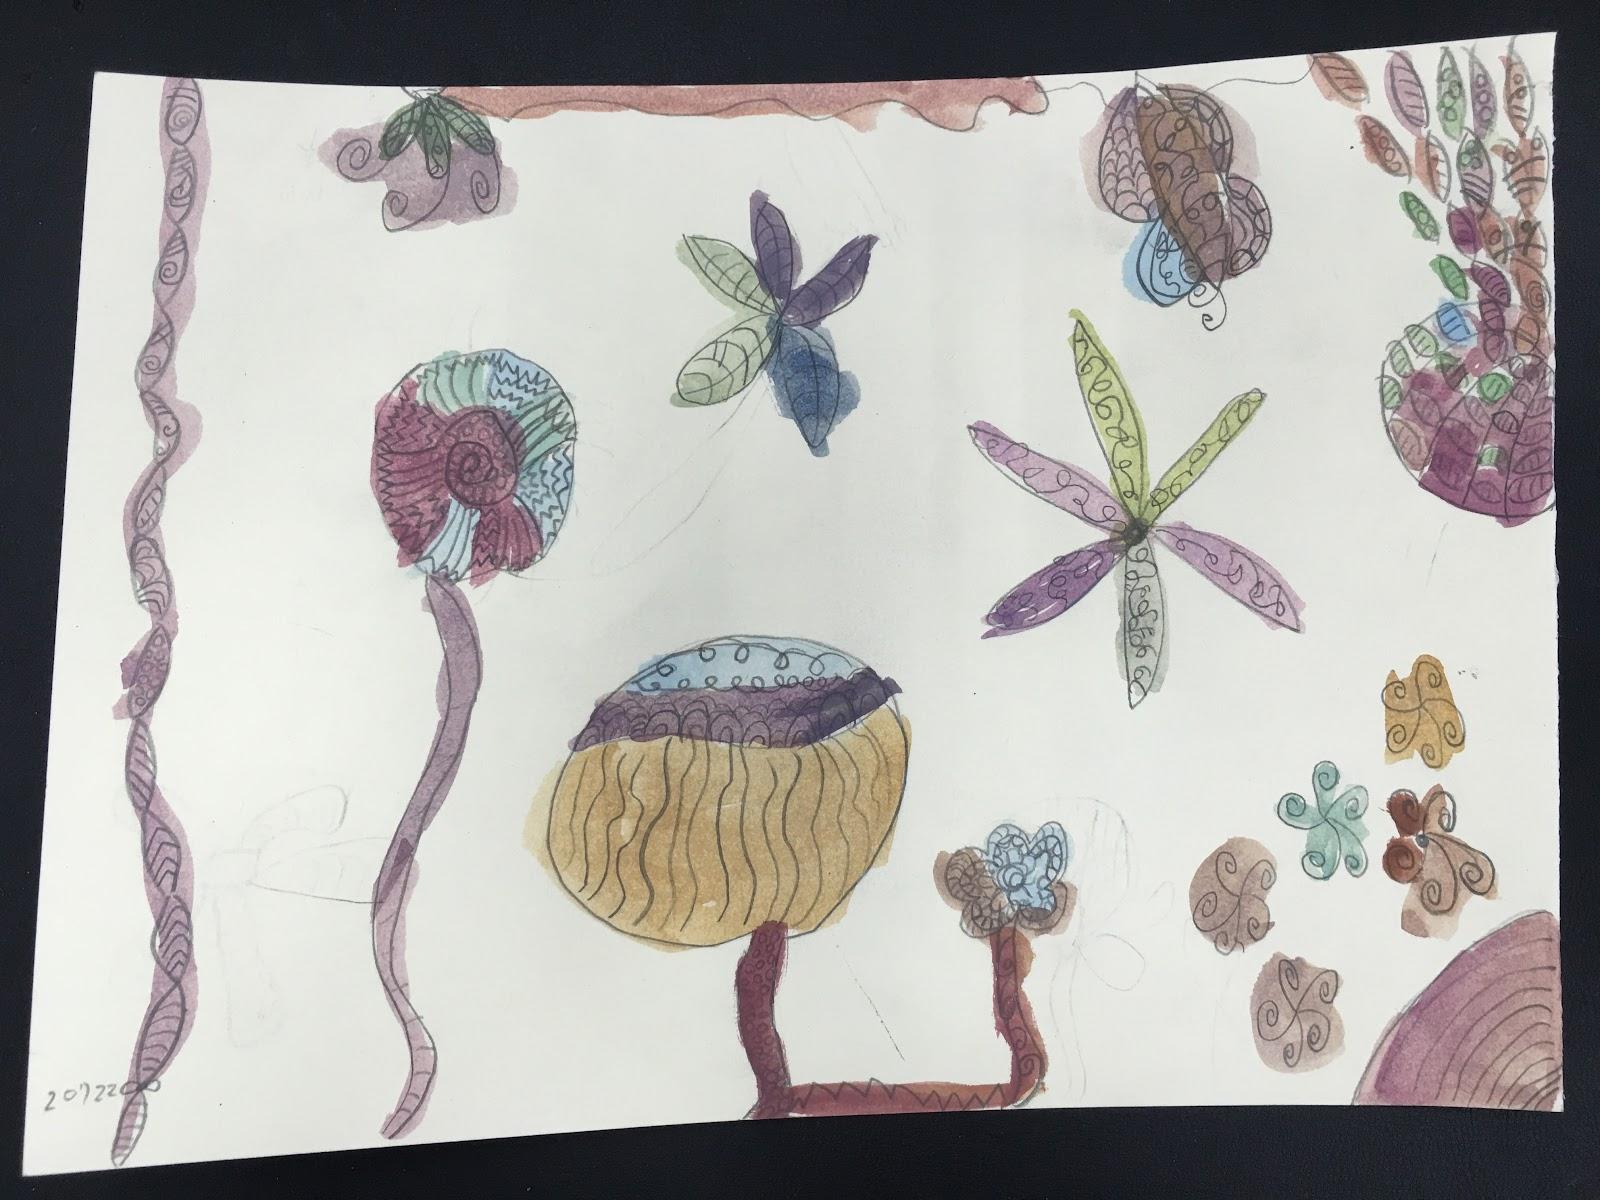 教學紀錄-美勞教學及作品: 水彩 淡彩 鉛筆打稿